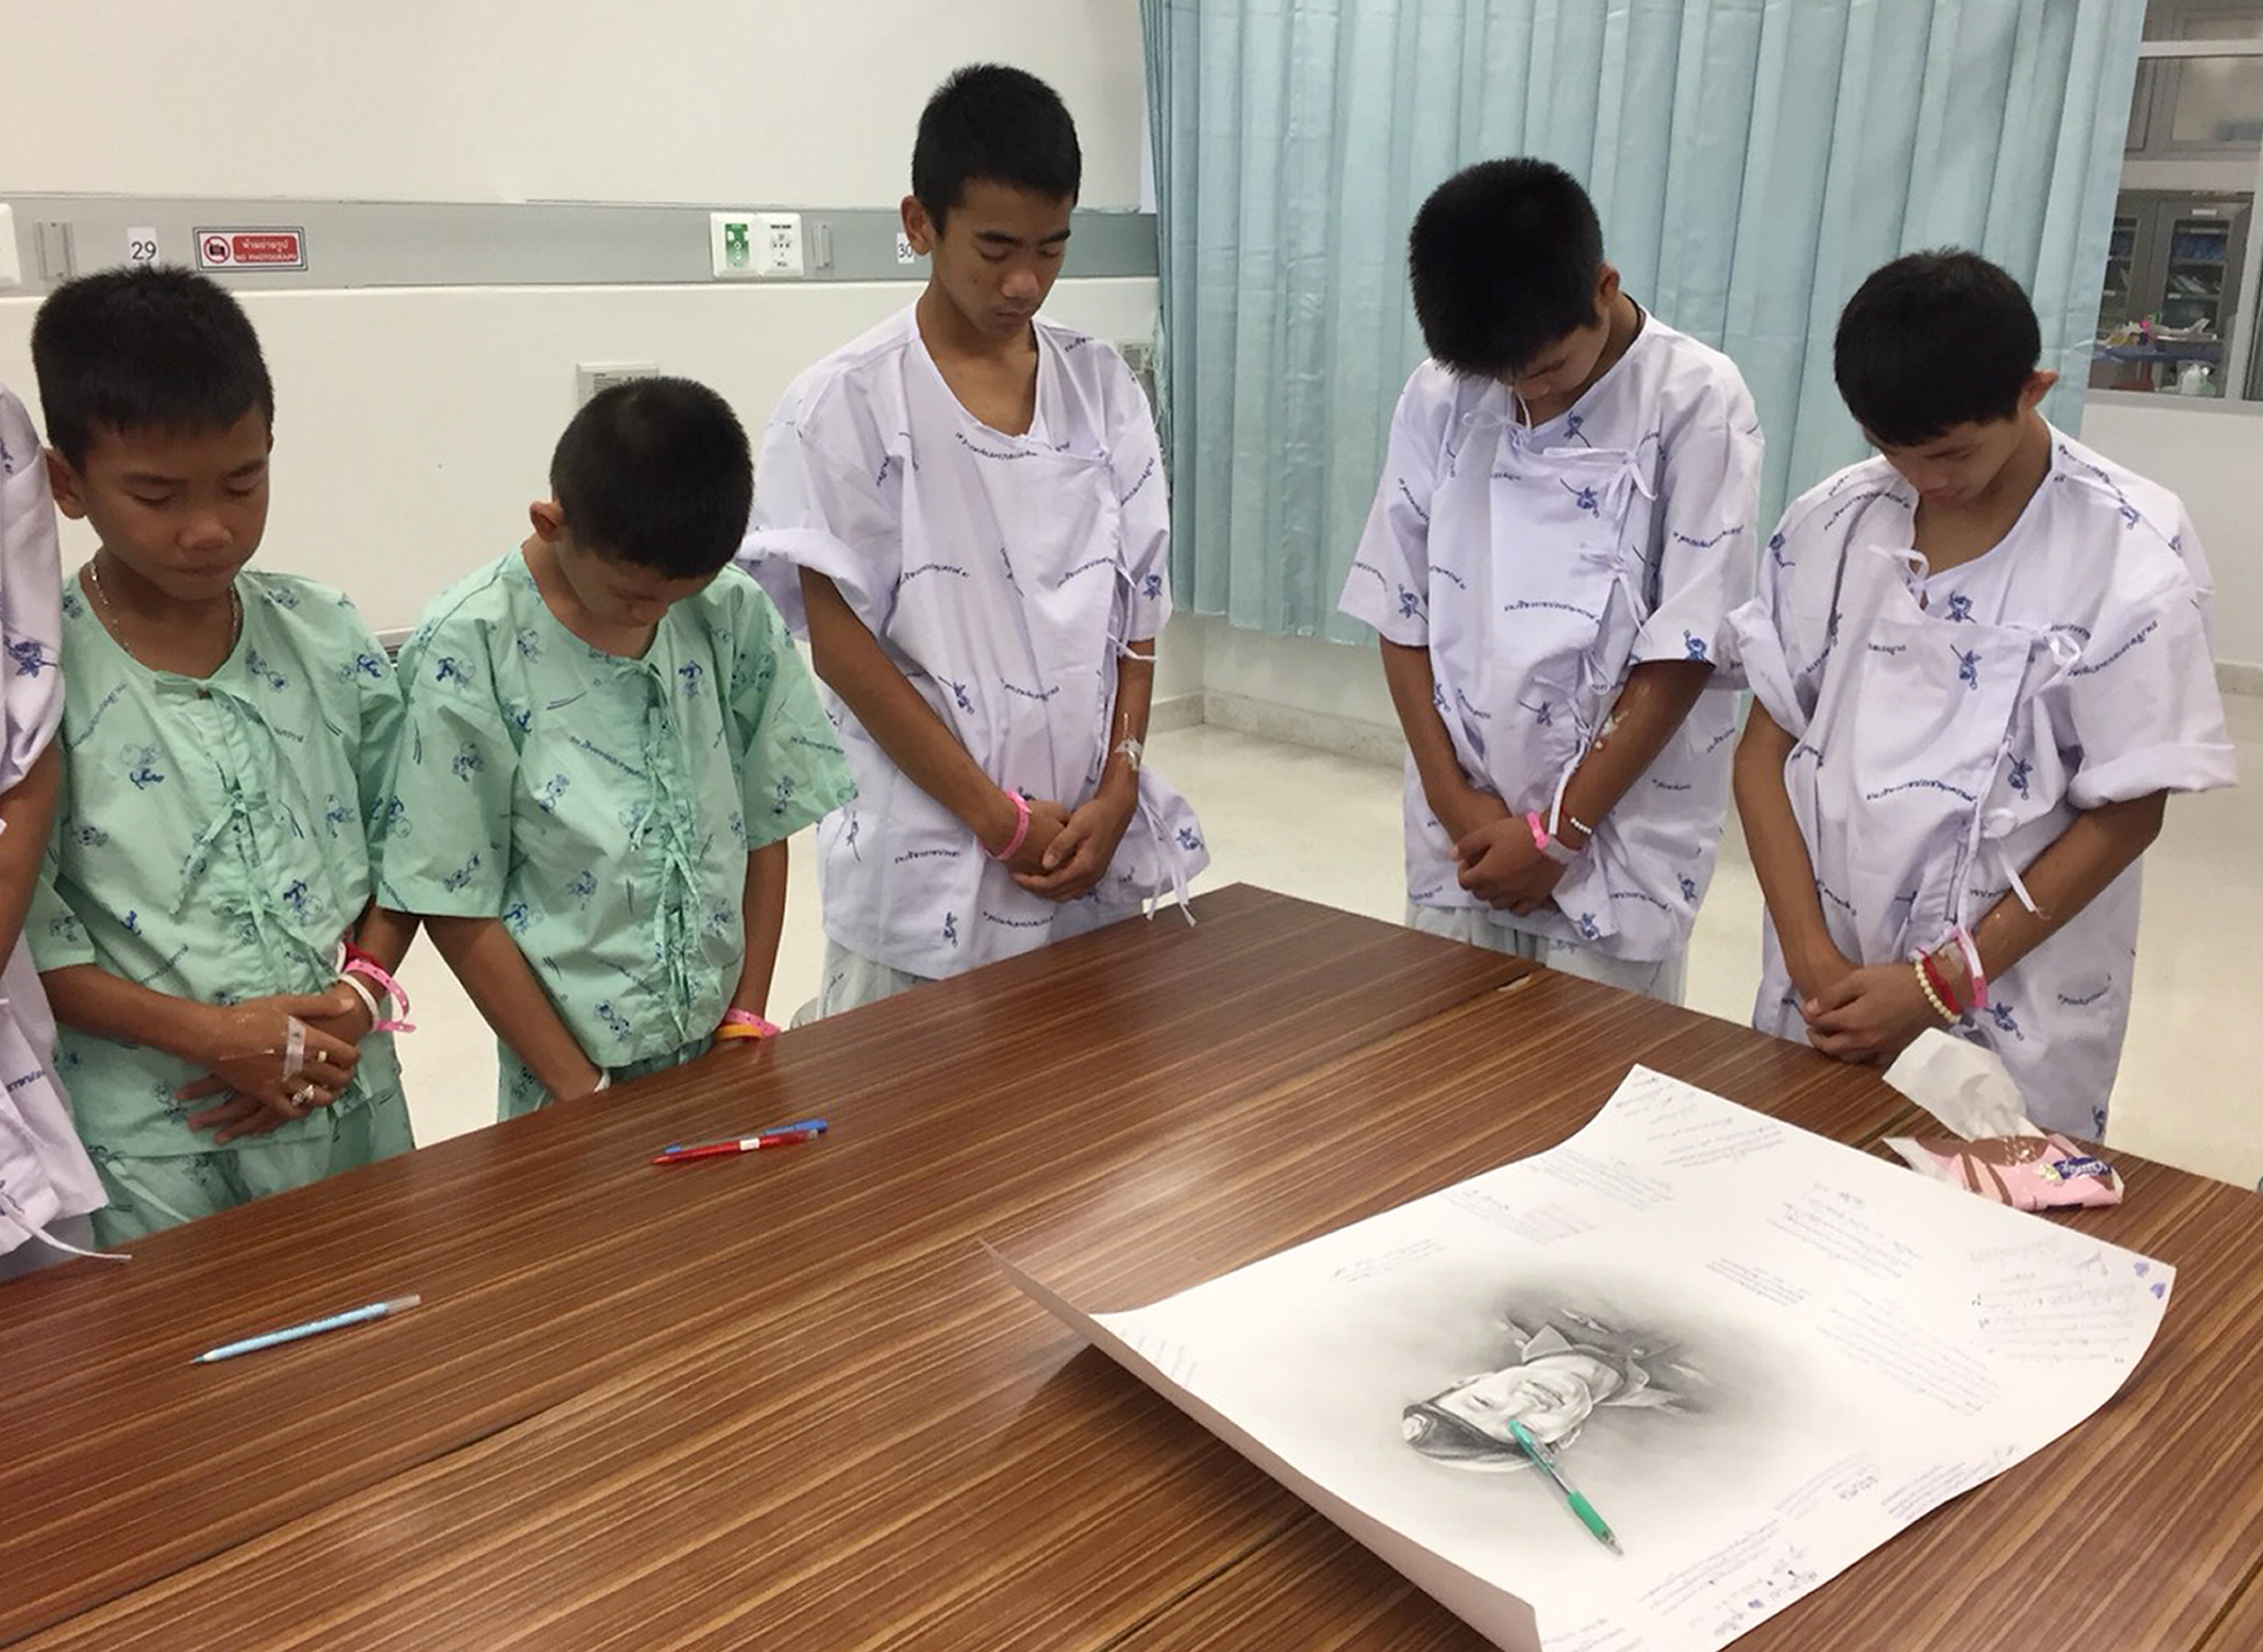 Elárulták nekik a szörnyű hírt: így reagáltak a barlangból kimentett thai fiúk a búvár halálhírére